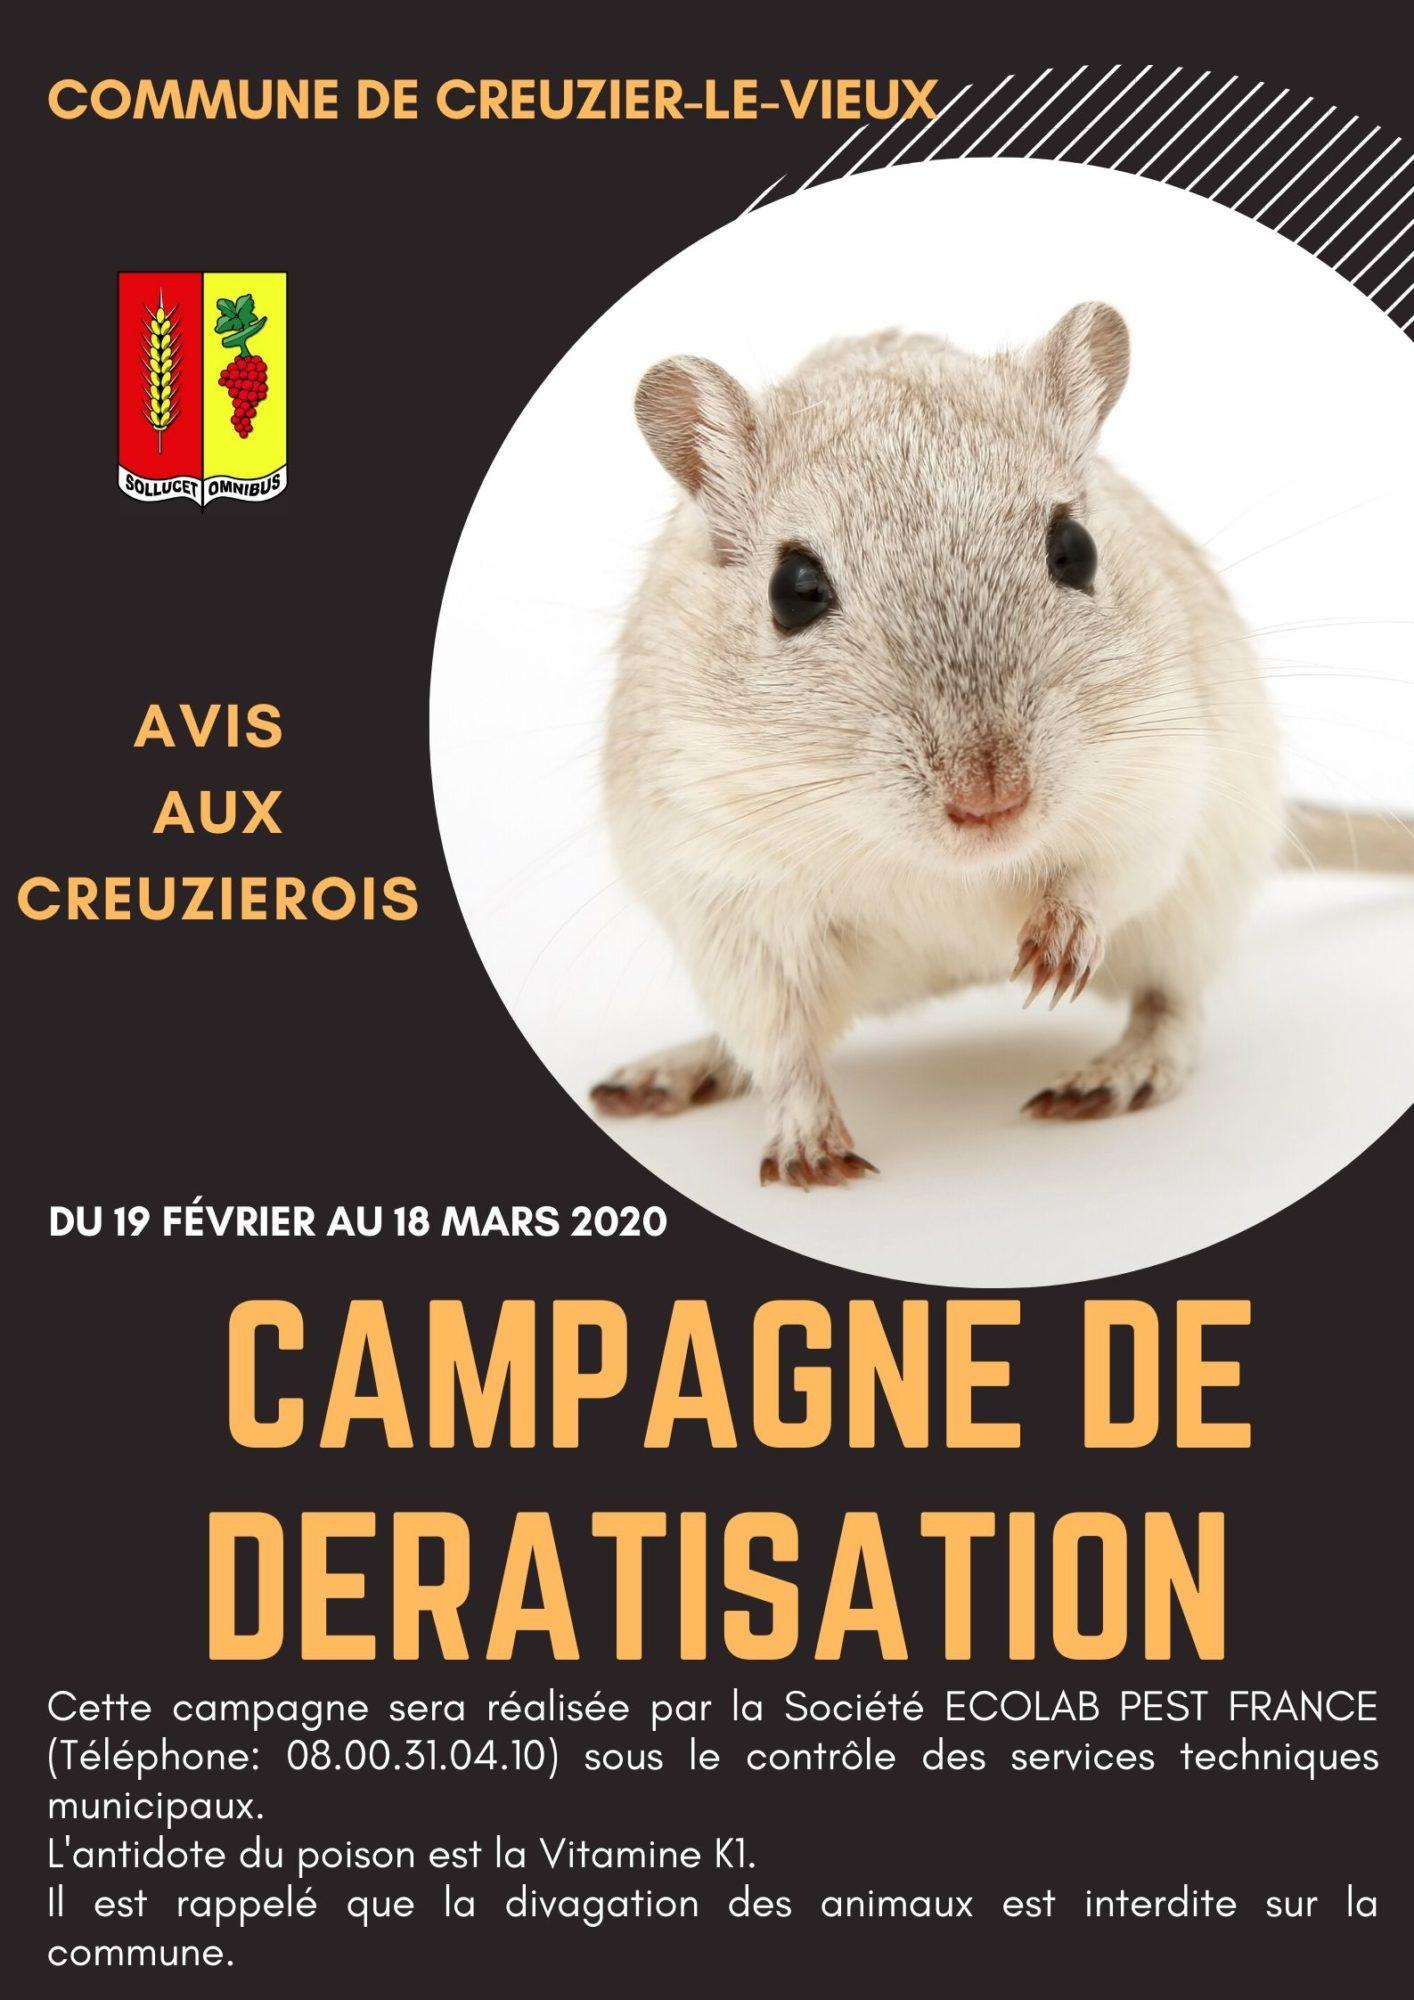 Affiche campagne de deratisation